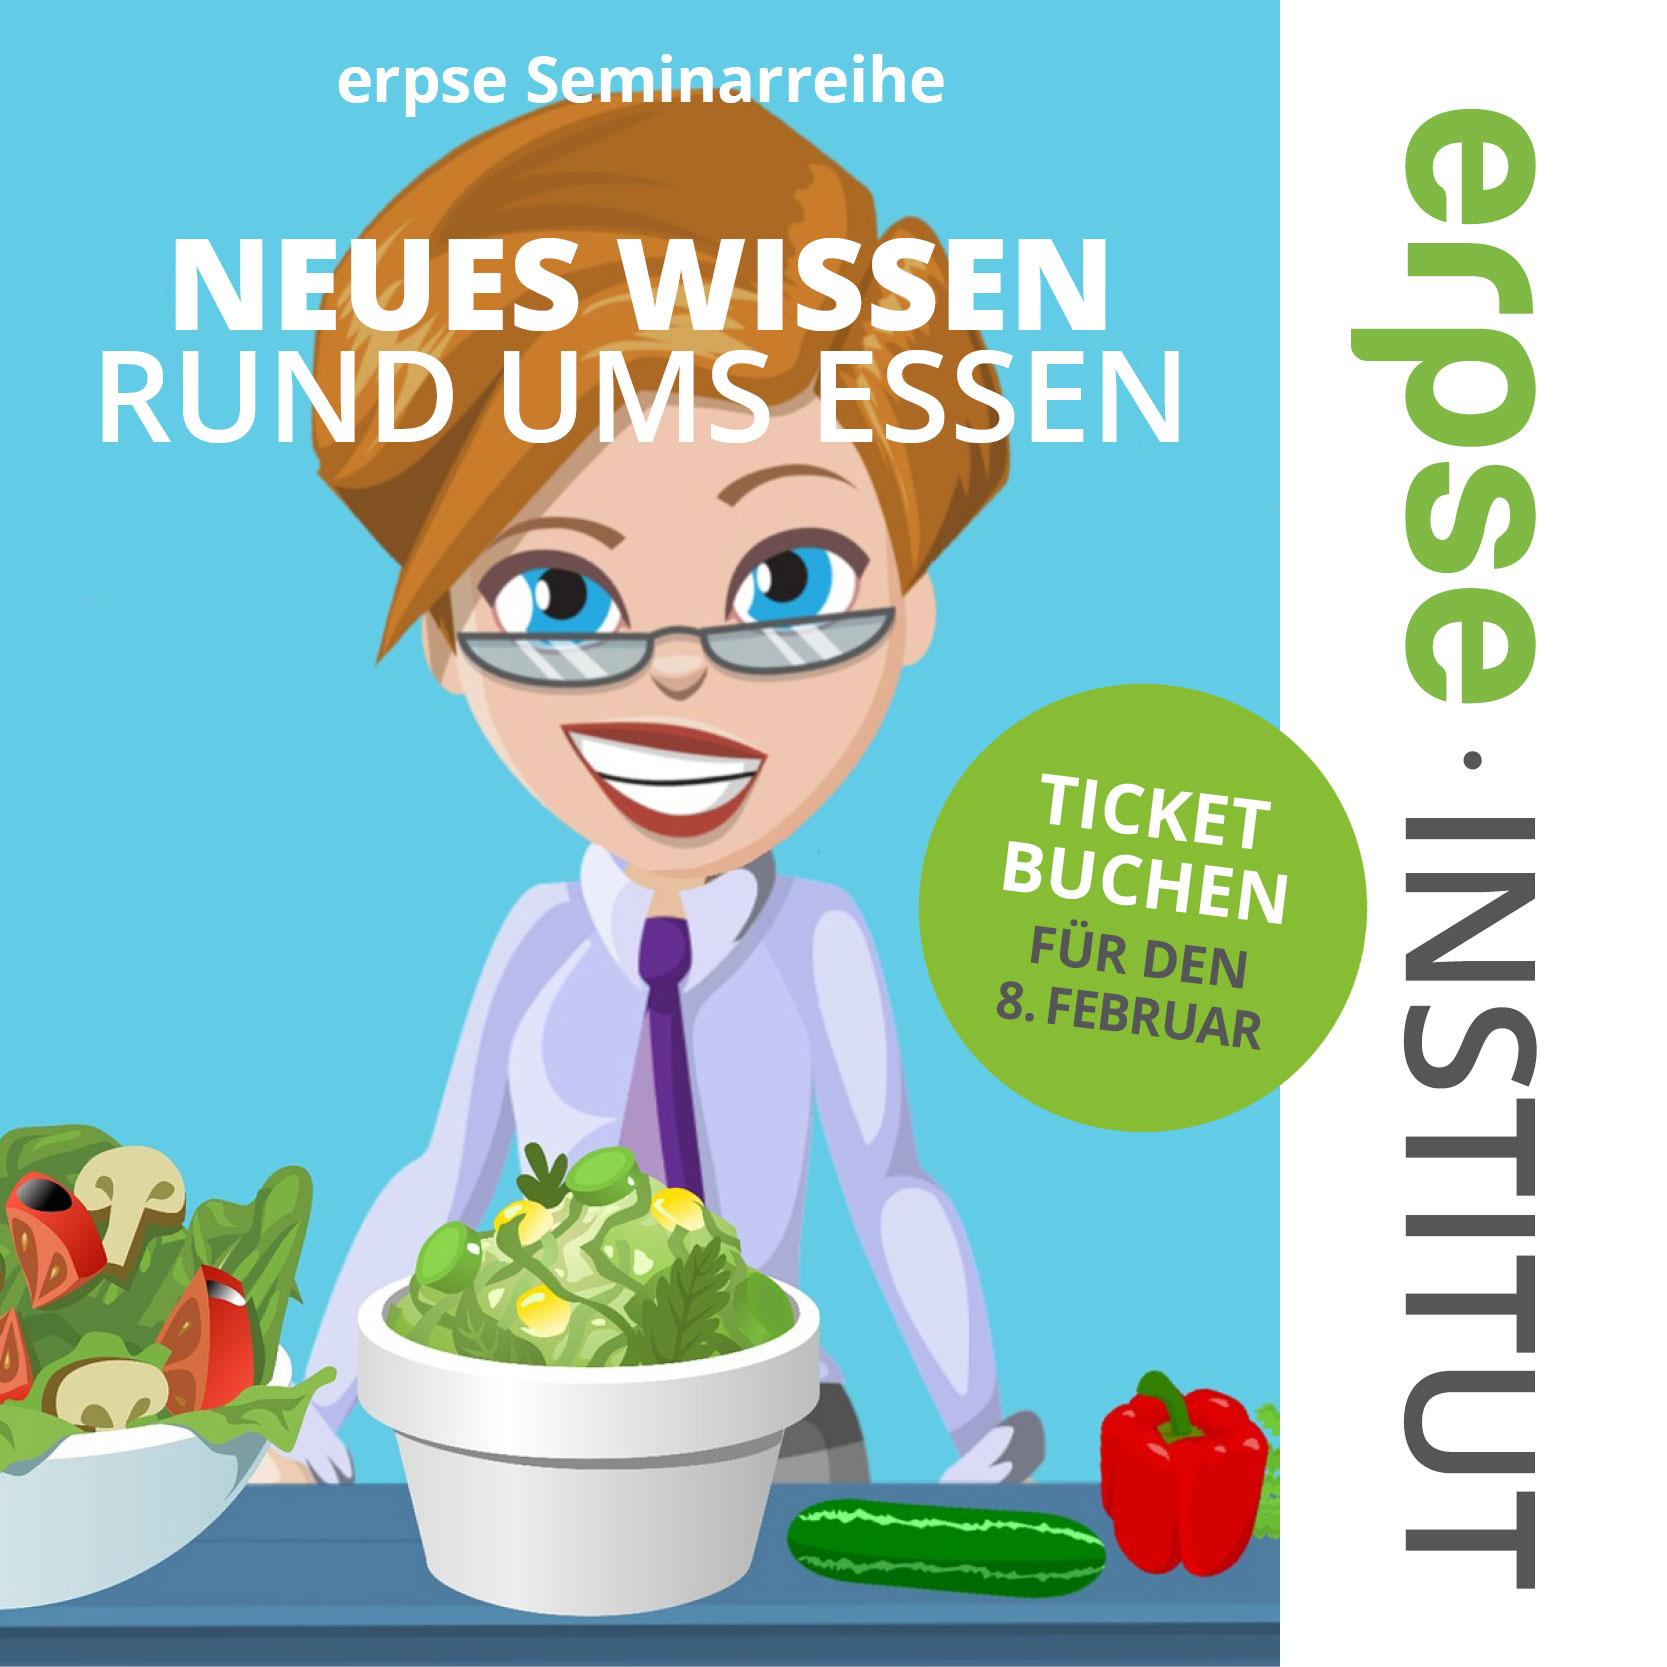 erpse_Seminarreihe-8-Februar